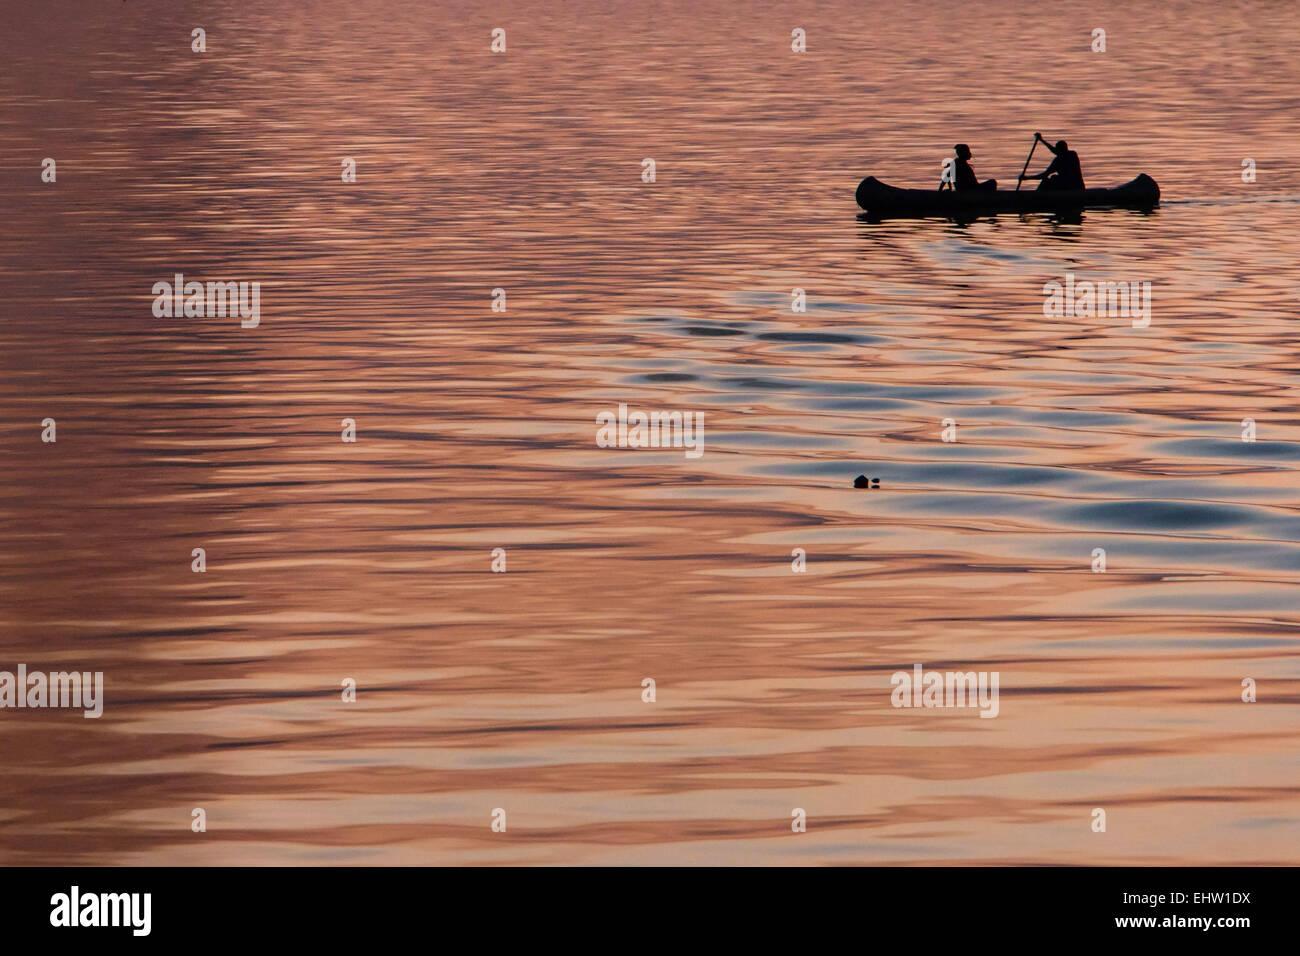 ILLUSTRATION DE L'Afrique de l'Ouest (Sénégal) Photo Stock